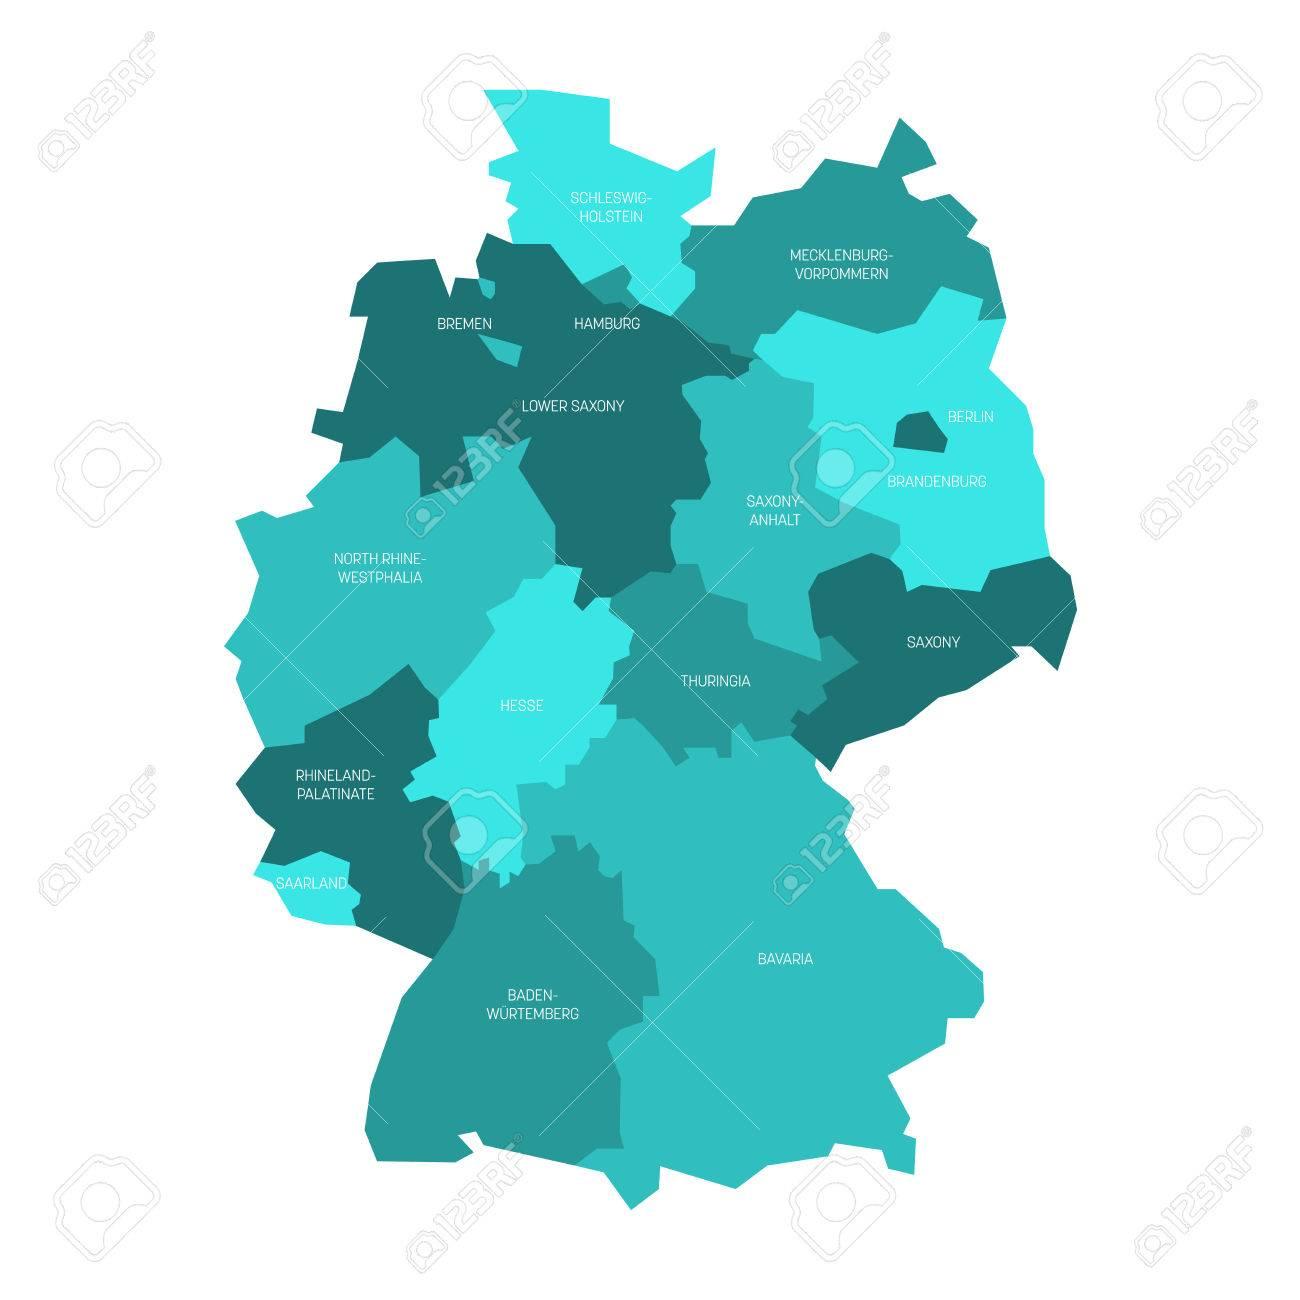 Carte Allemagne Divisee.Carte De L Allemagne Divisee En 13 Etats Federaux Et 3 Cites Etats Berlin Breme Et Hambourg Europe Carte Vectorielle Plane Simple Dans Les Tons